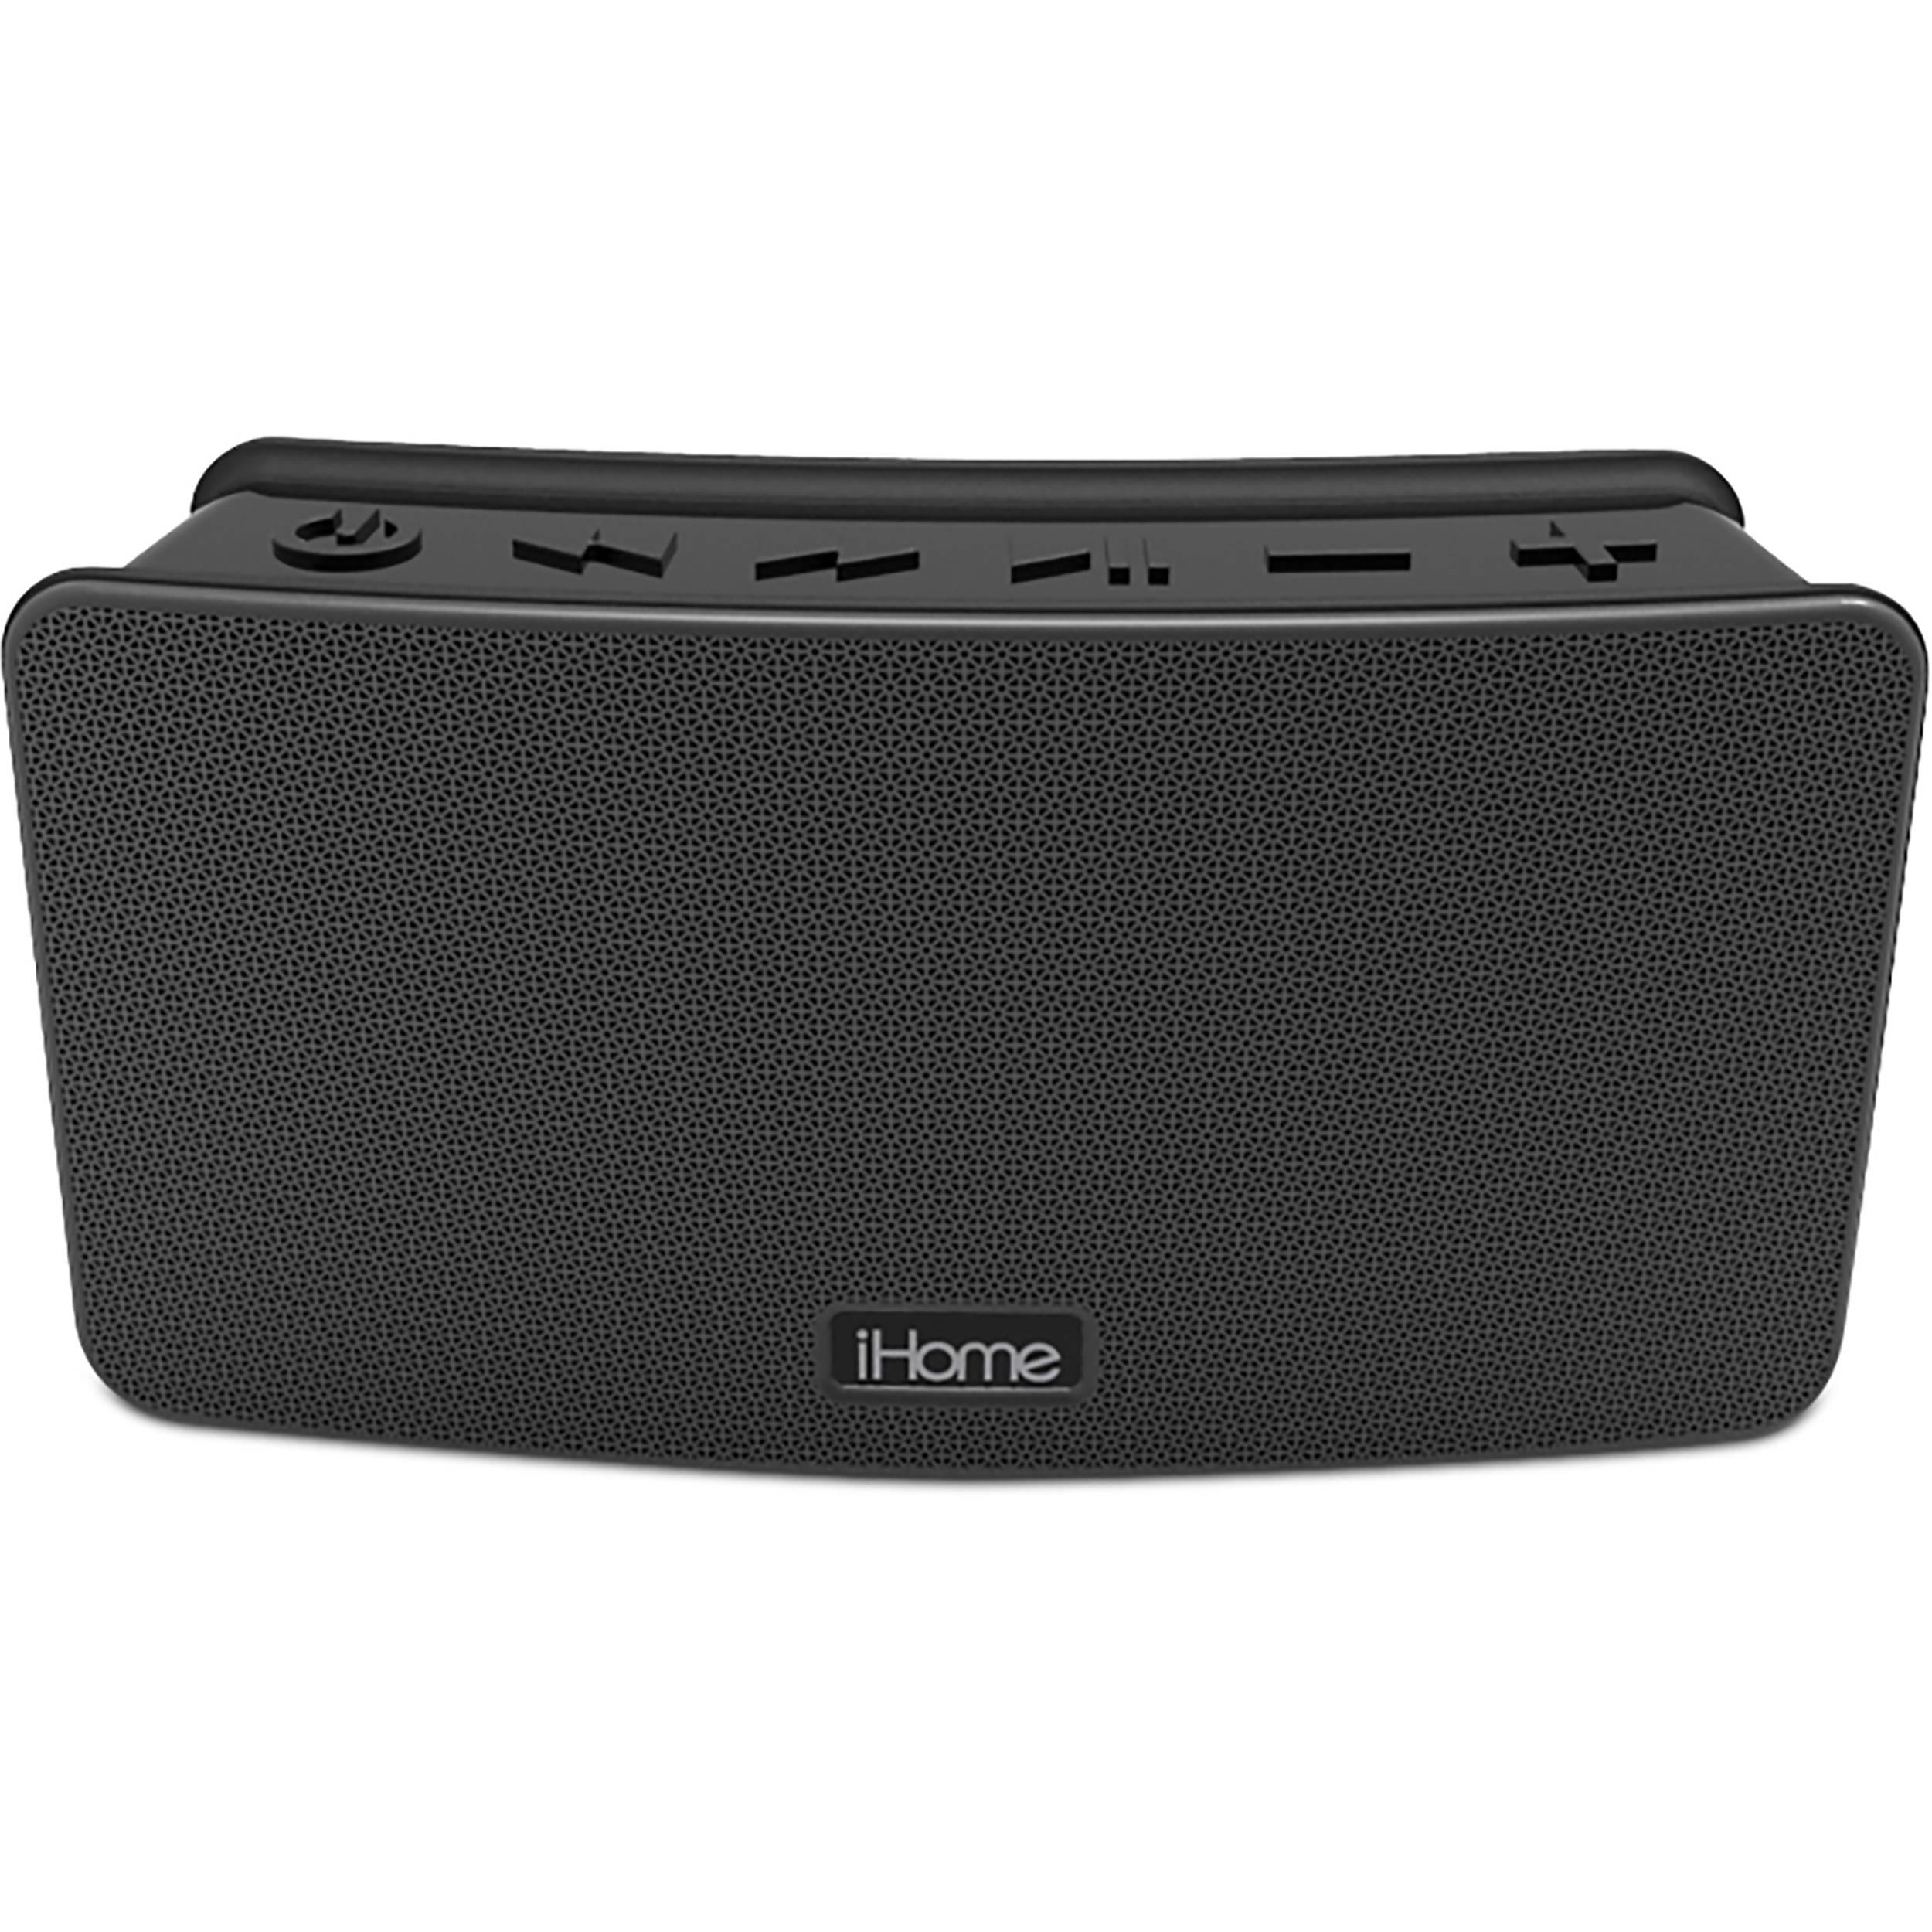 iHome iBT39B Waterproof Rechargeable Bluetooth Speaker IBT39B